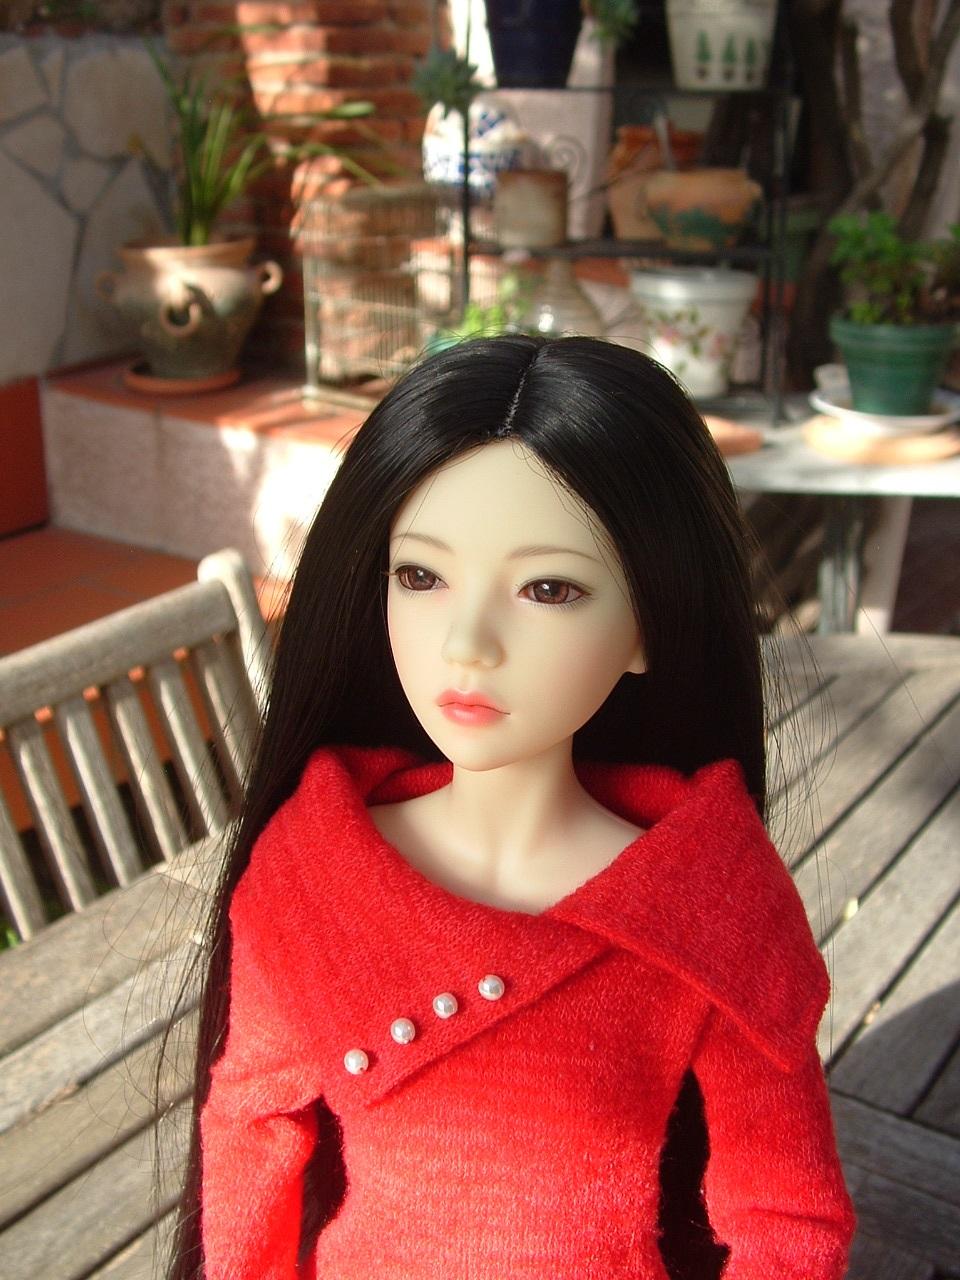 Je vous présente Mitsuko, ma belle Asa - première robe p 2 - autre tenue p 3 Dscf0440